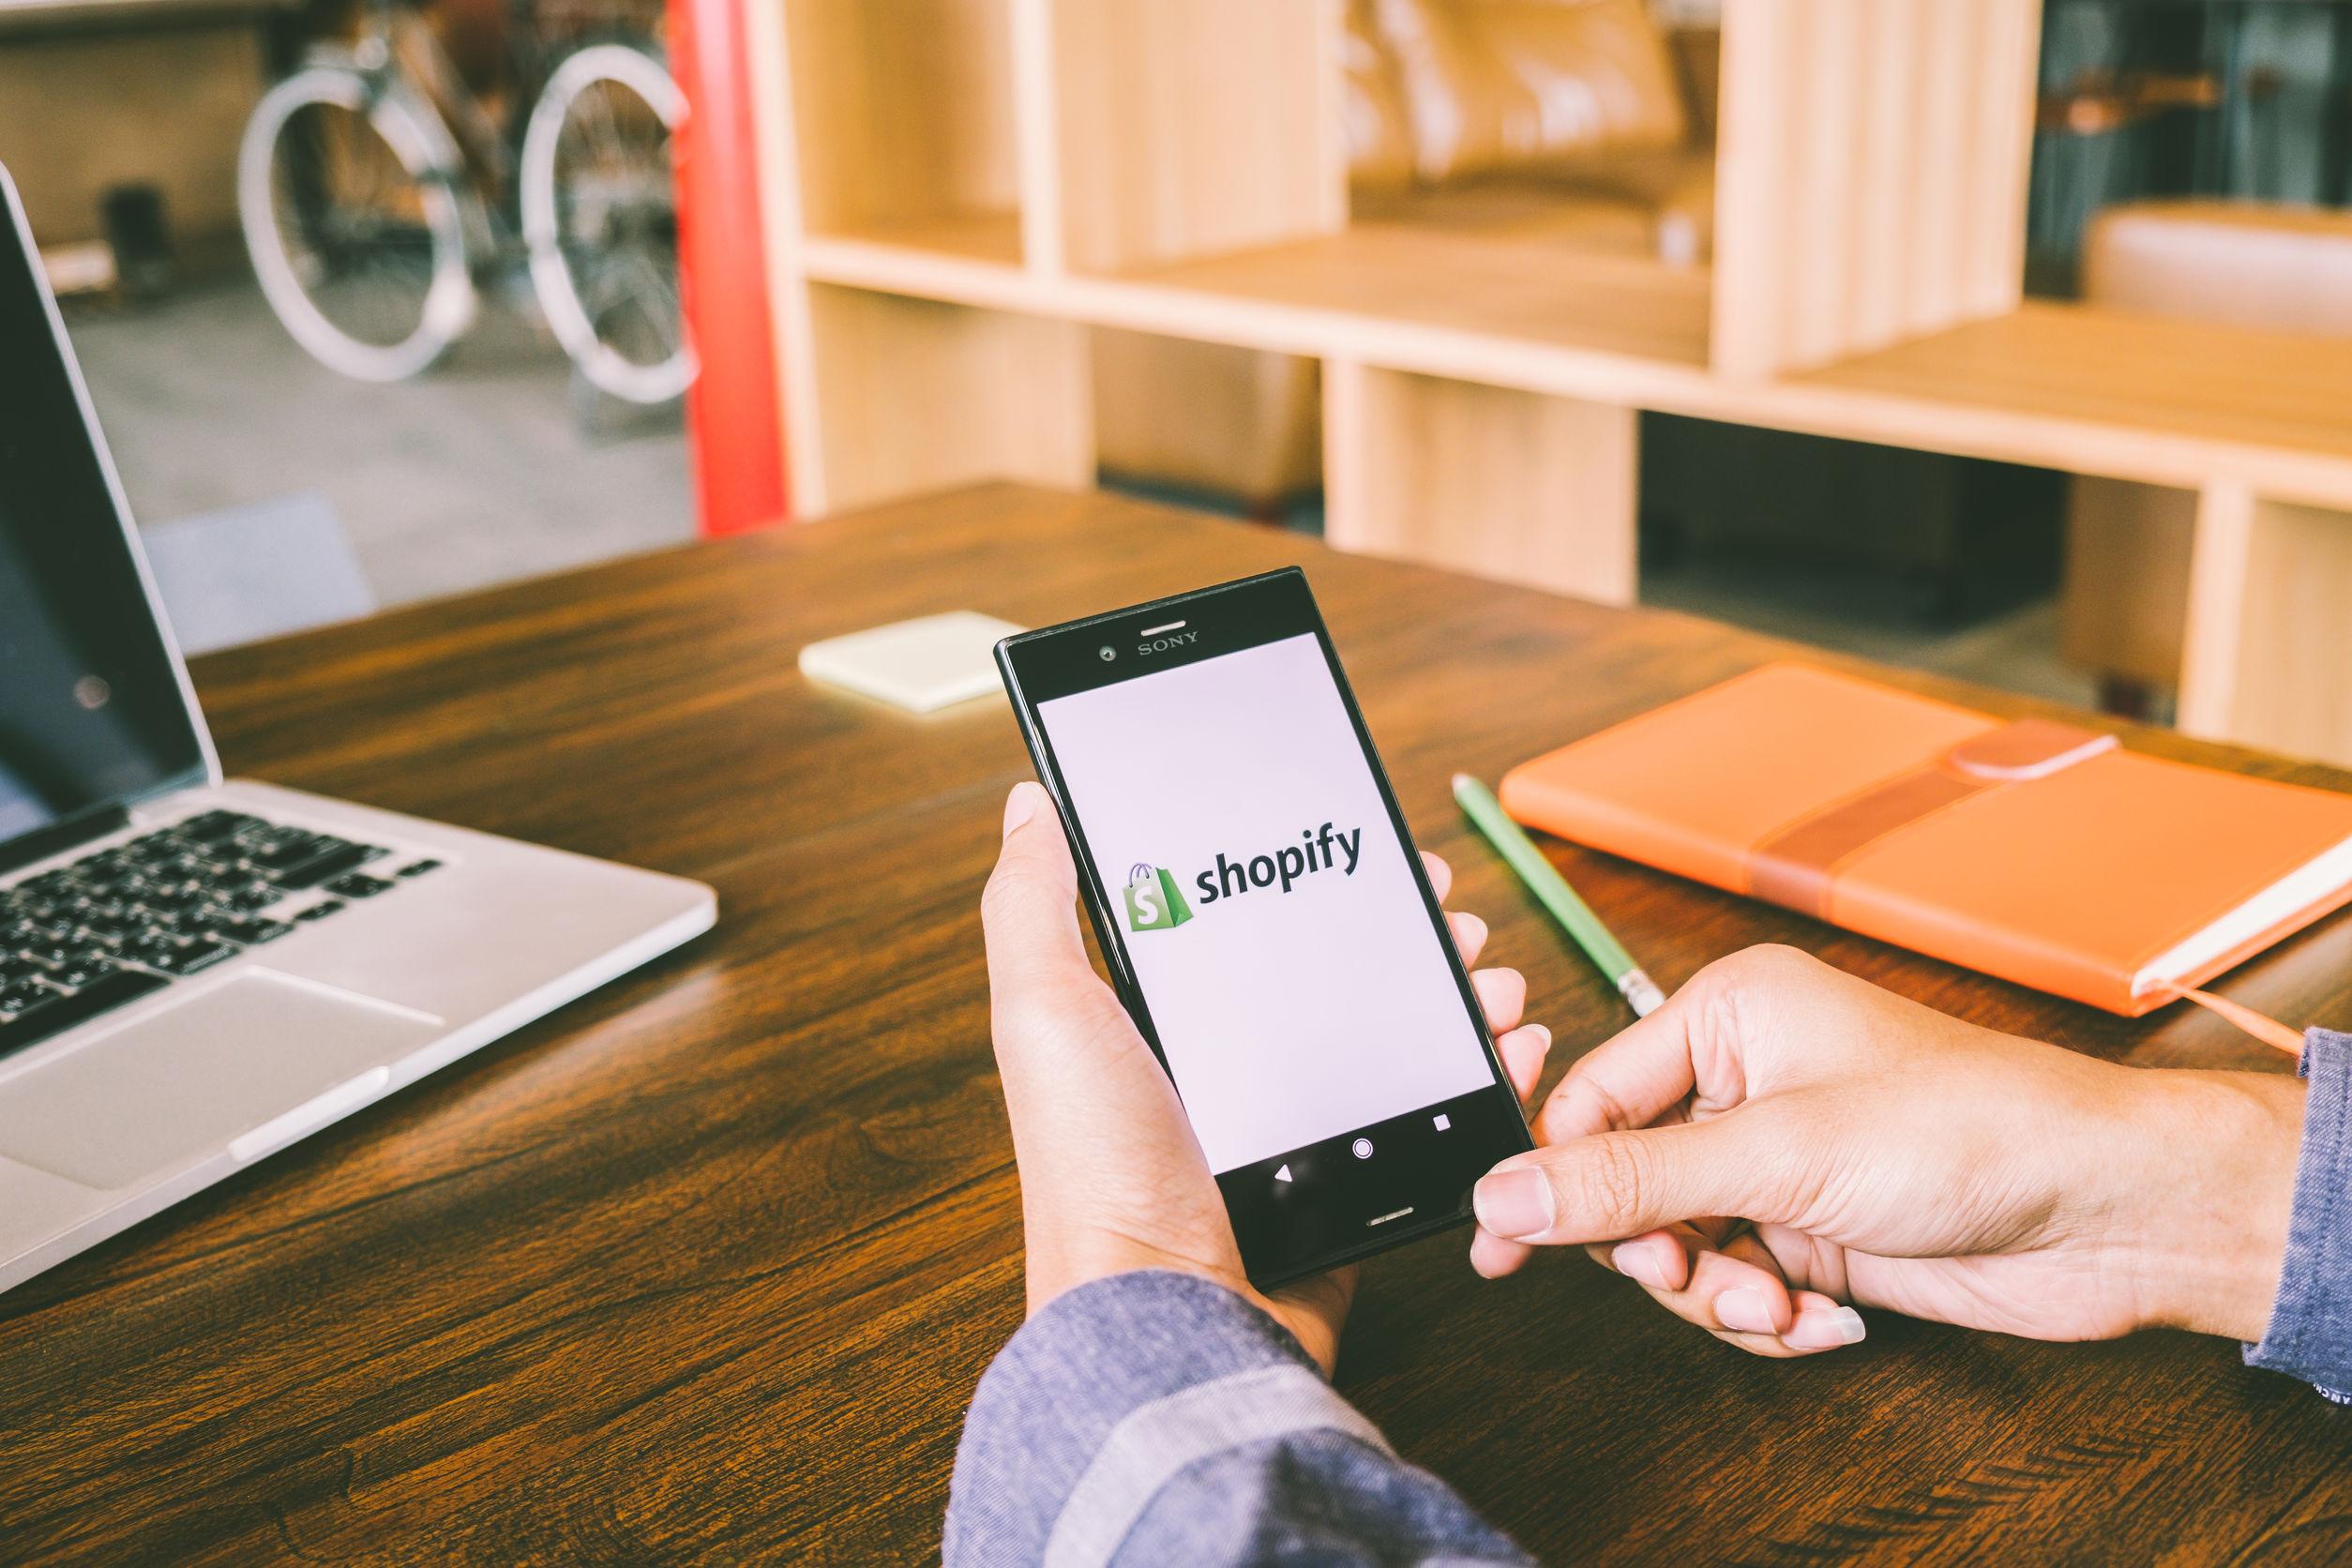 ntegrasi Midtrans dan Shopify Permudah Transaksi Online